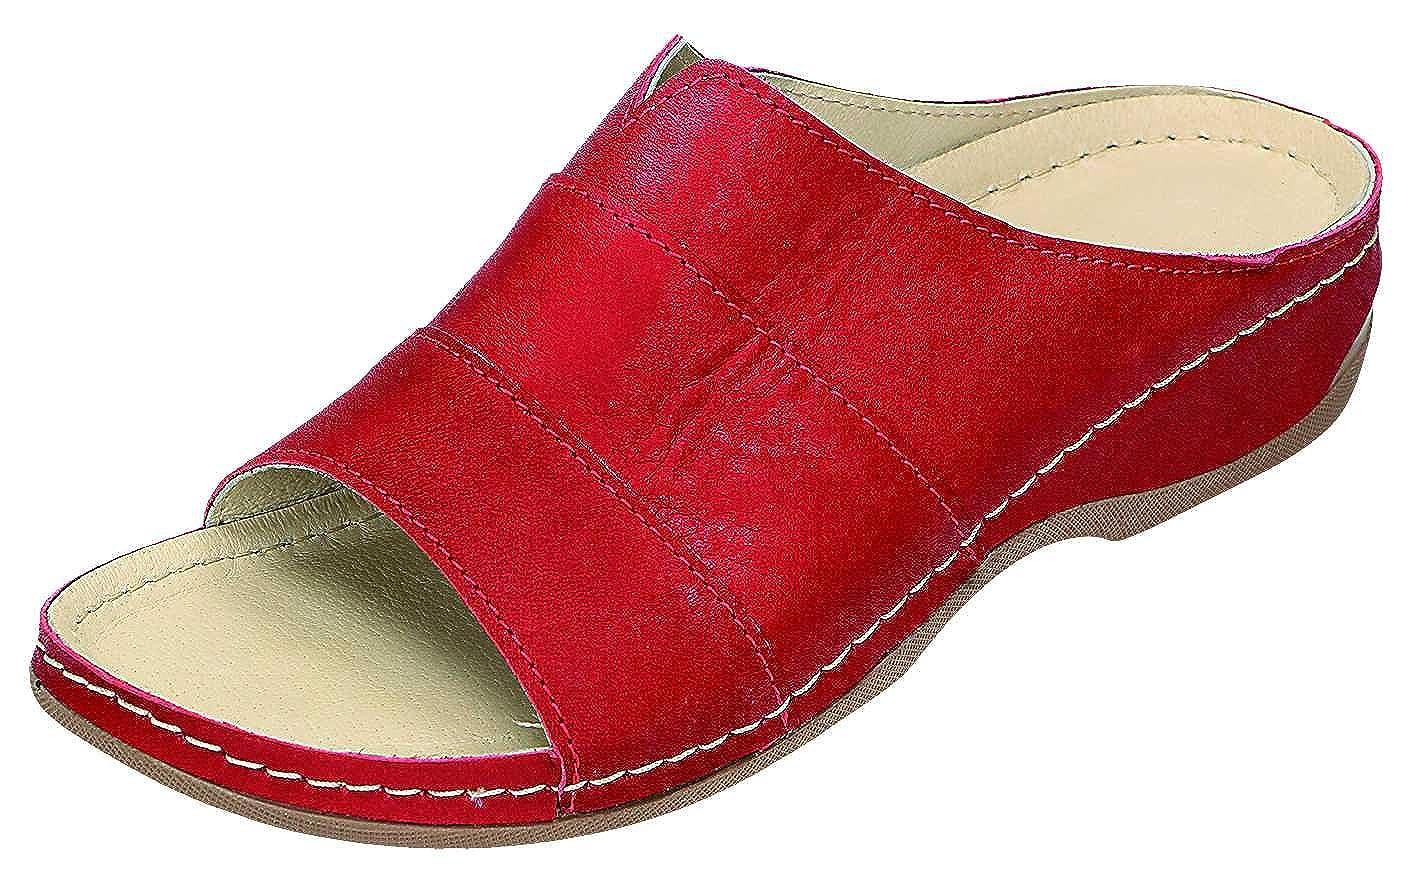 MICCOS - - - Zuecos para mujer Rojo rojo 875f92